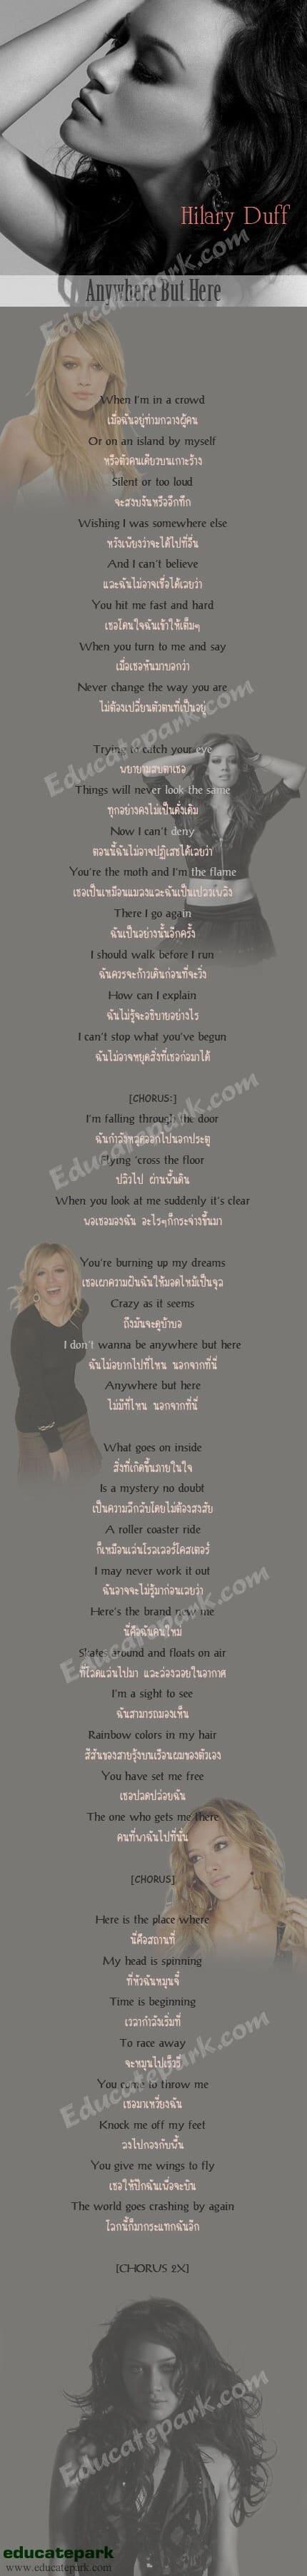 แปลเพลง Anywhere But Here - Hilary Duff